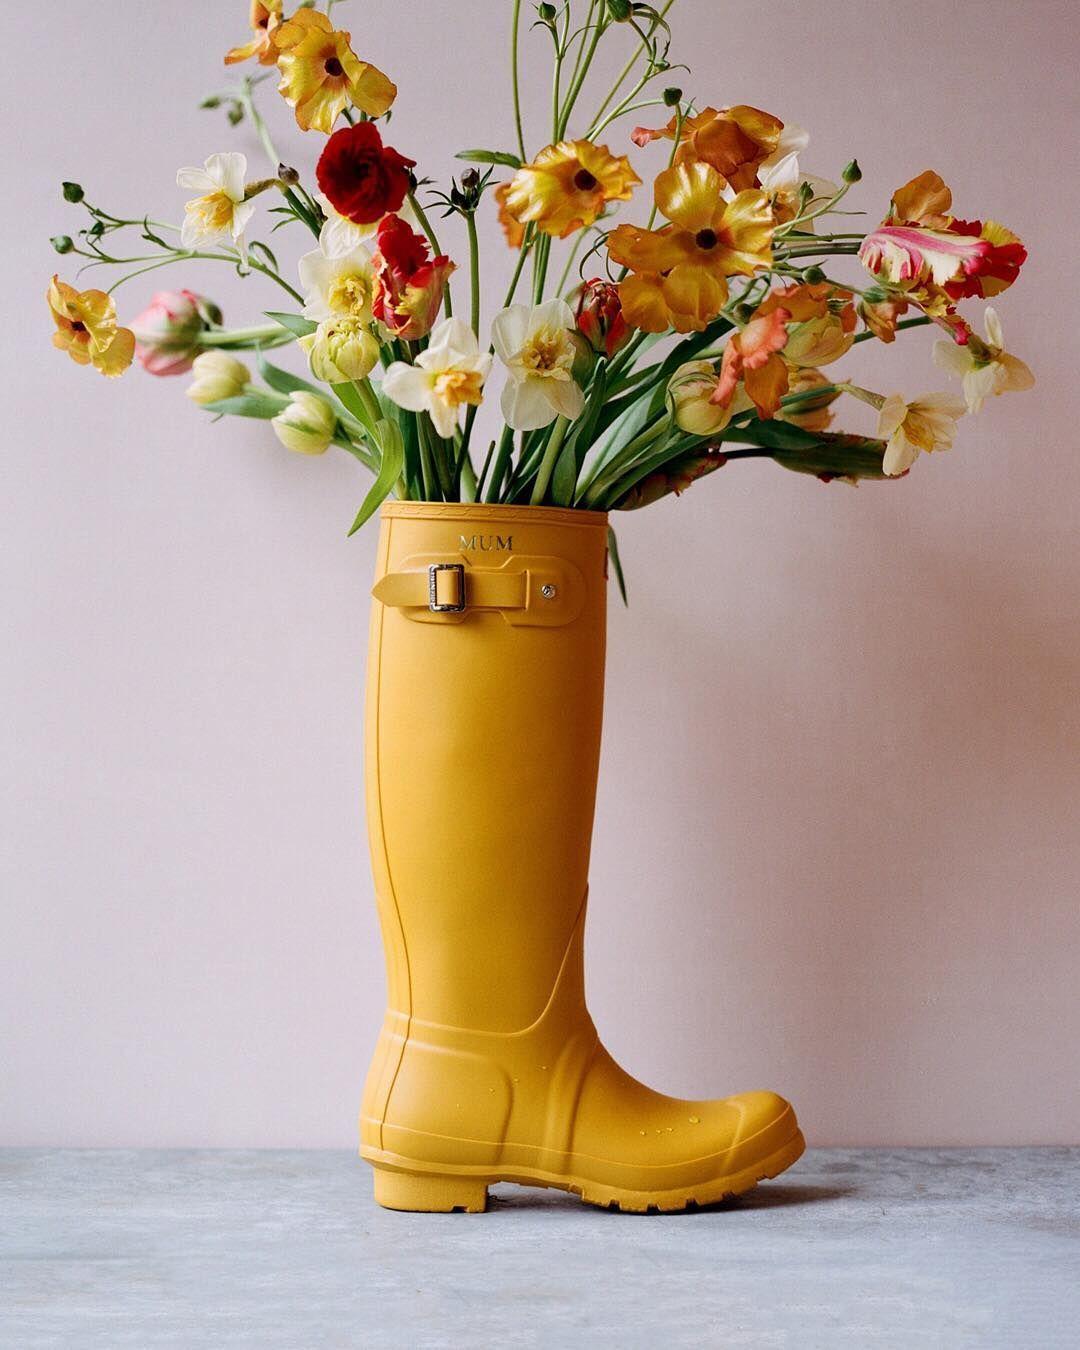 De 57 beste afbeeldingen van Dames schoenen   Pumps